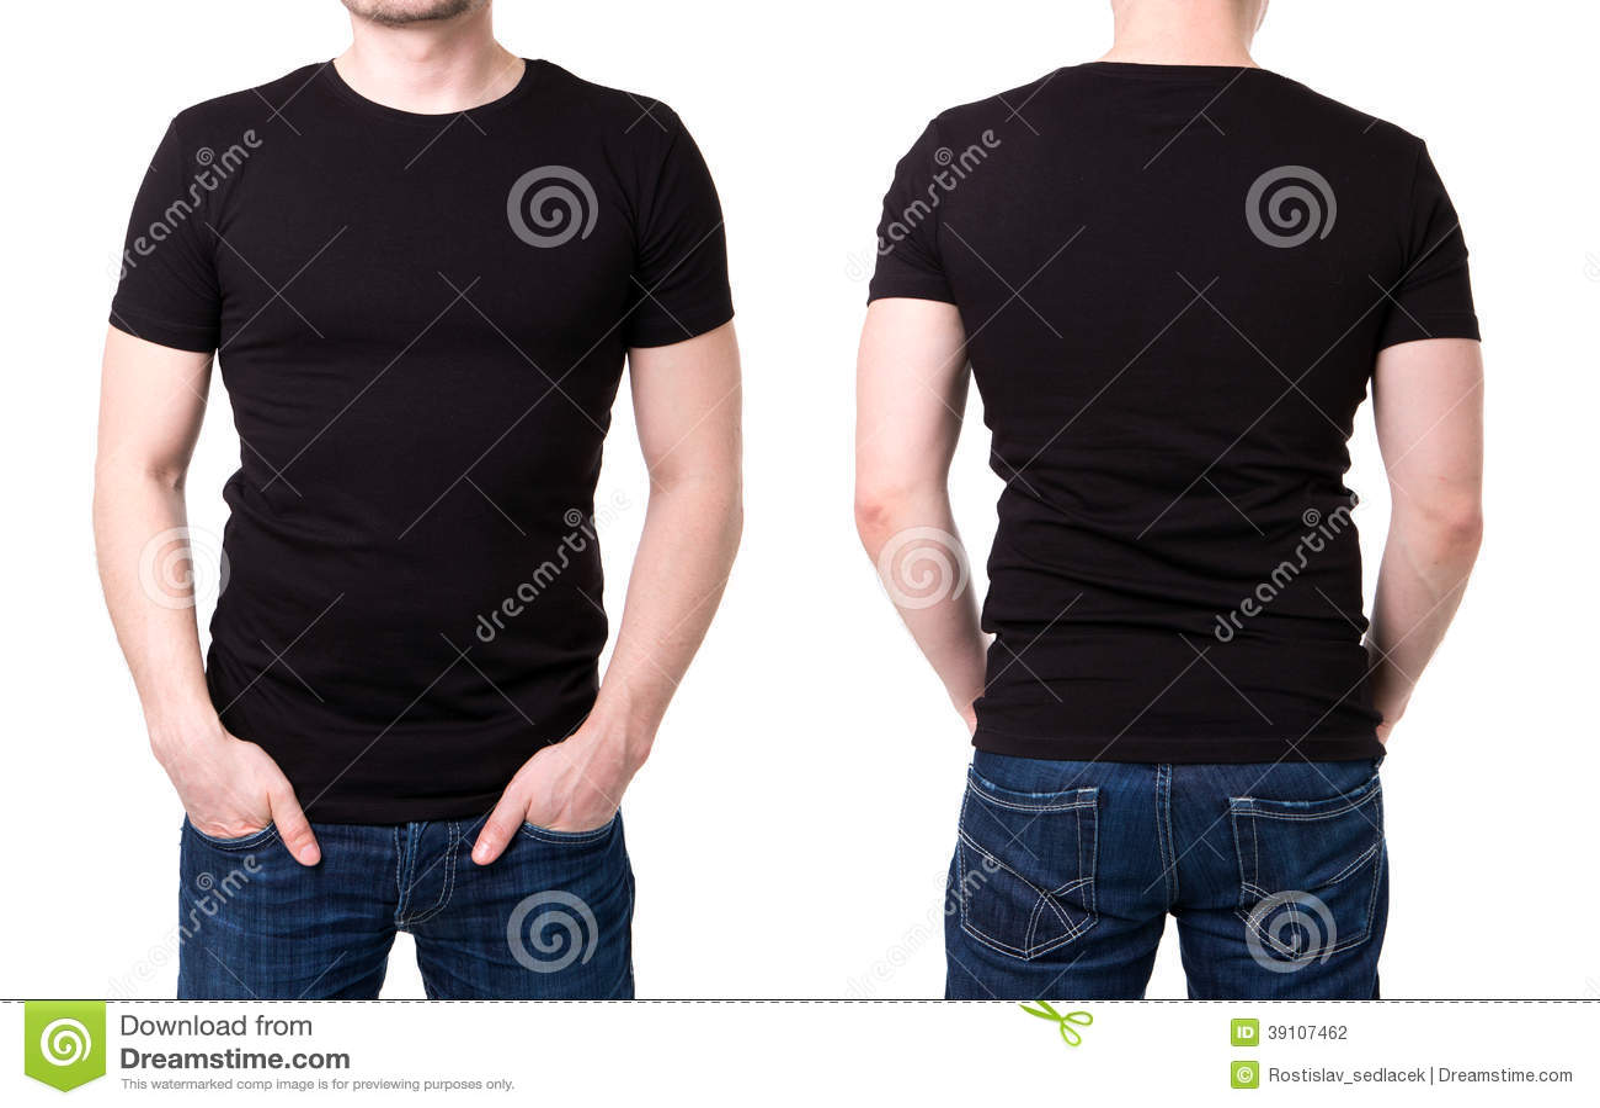 Zwarte t-shirt op een jonge mensenmalplaatje